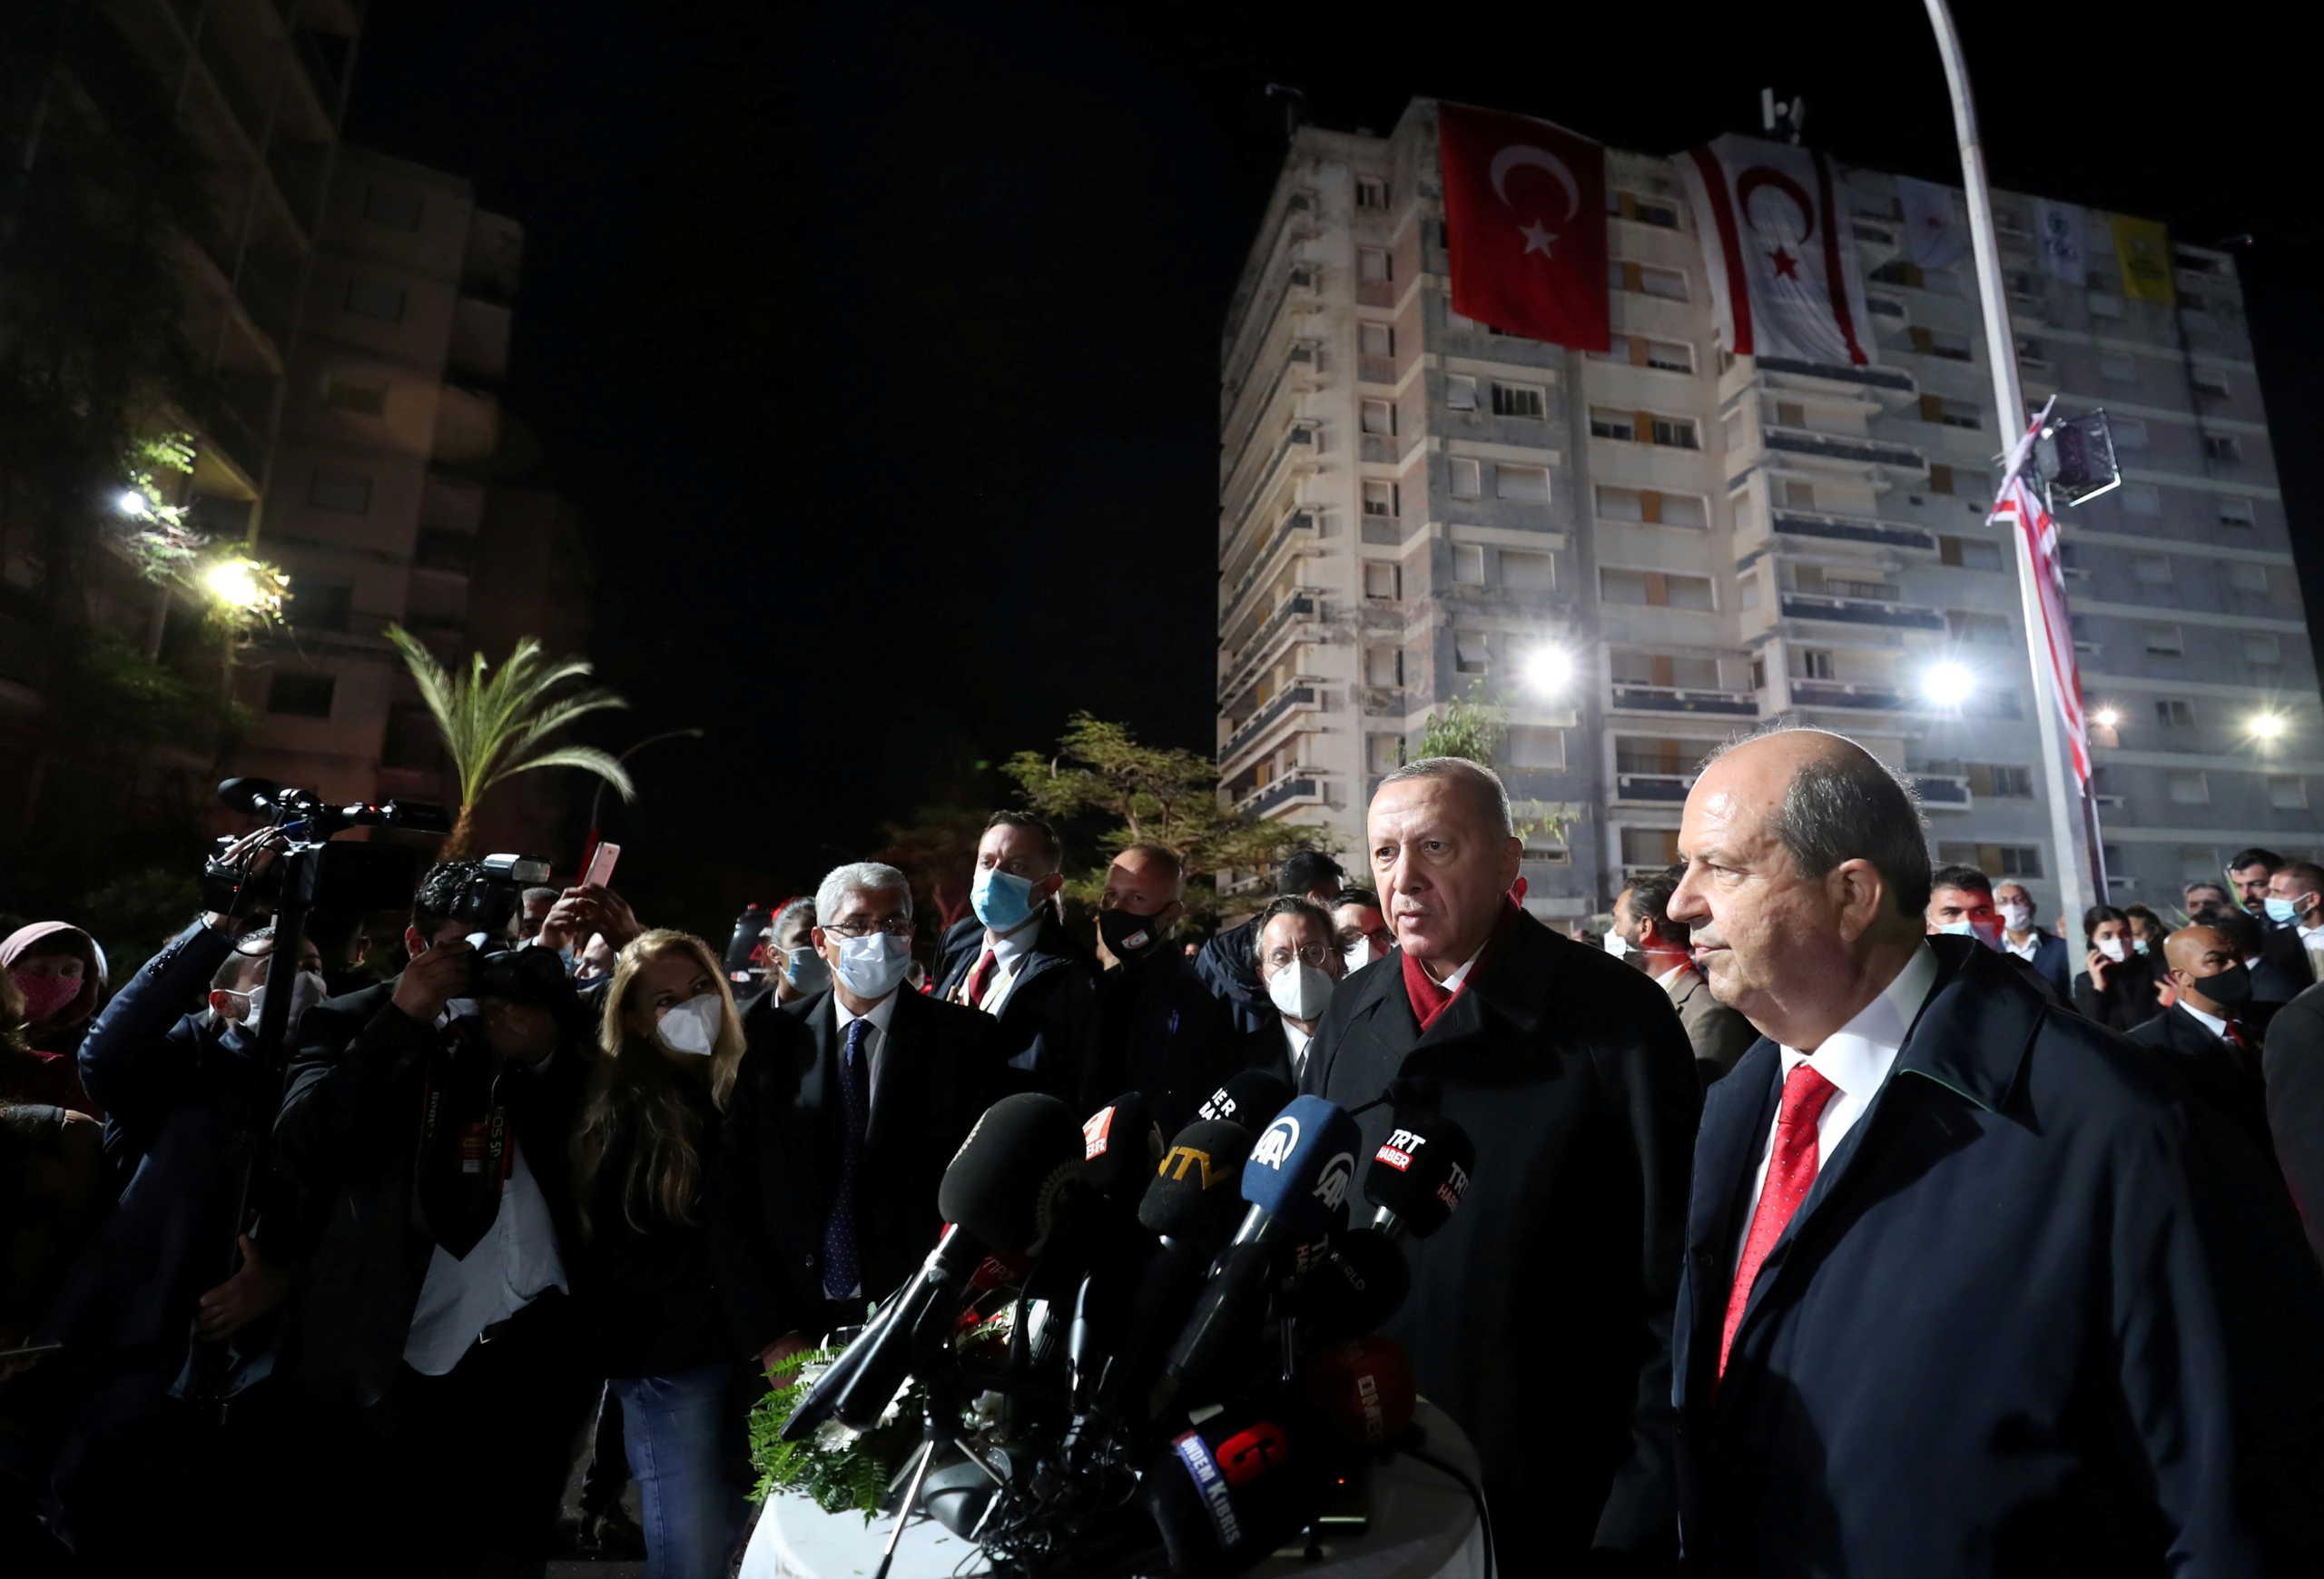 """Ύπατος Εκπρόσωπος της ΕΕ: Οι τουρκικές ενέργειες στα Βαρώσια """"θα προκαλέσουν ένταση"""""""